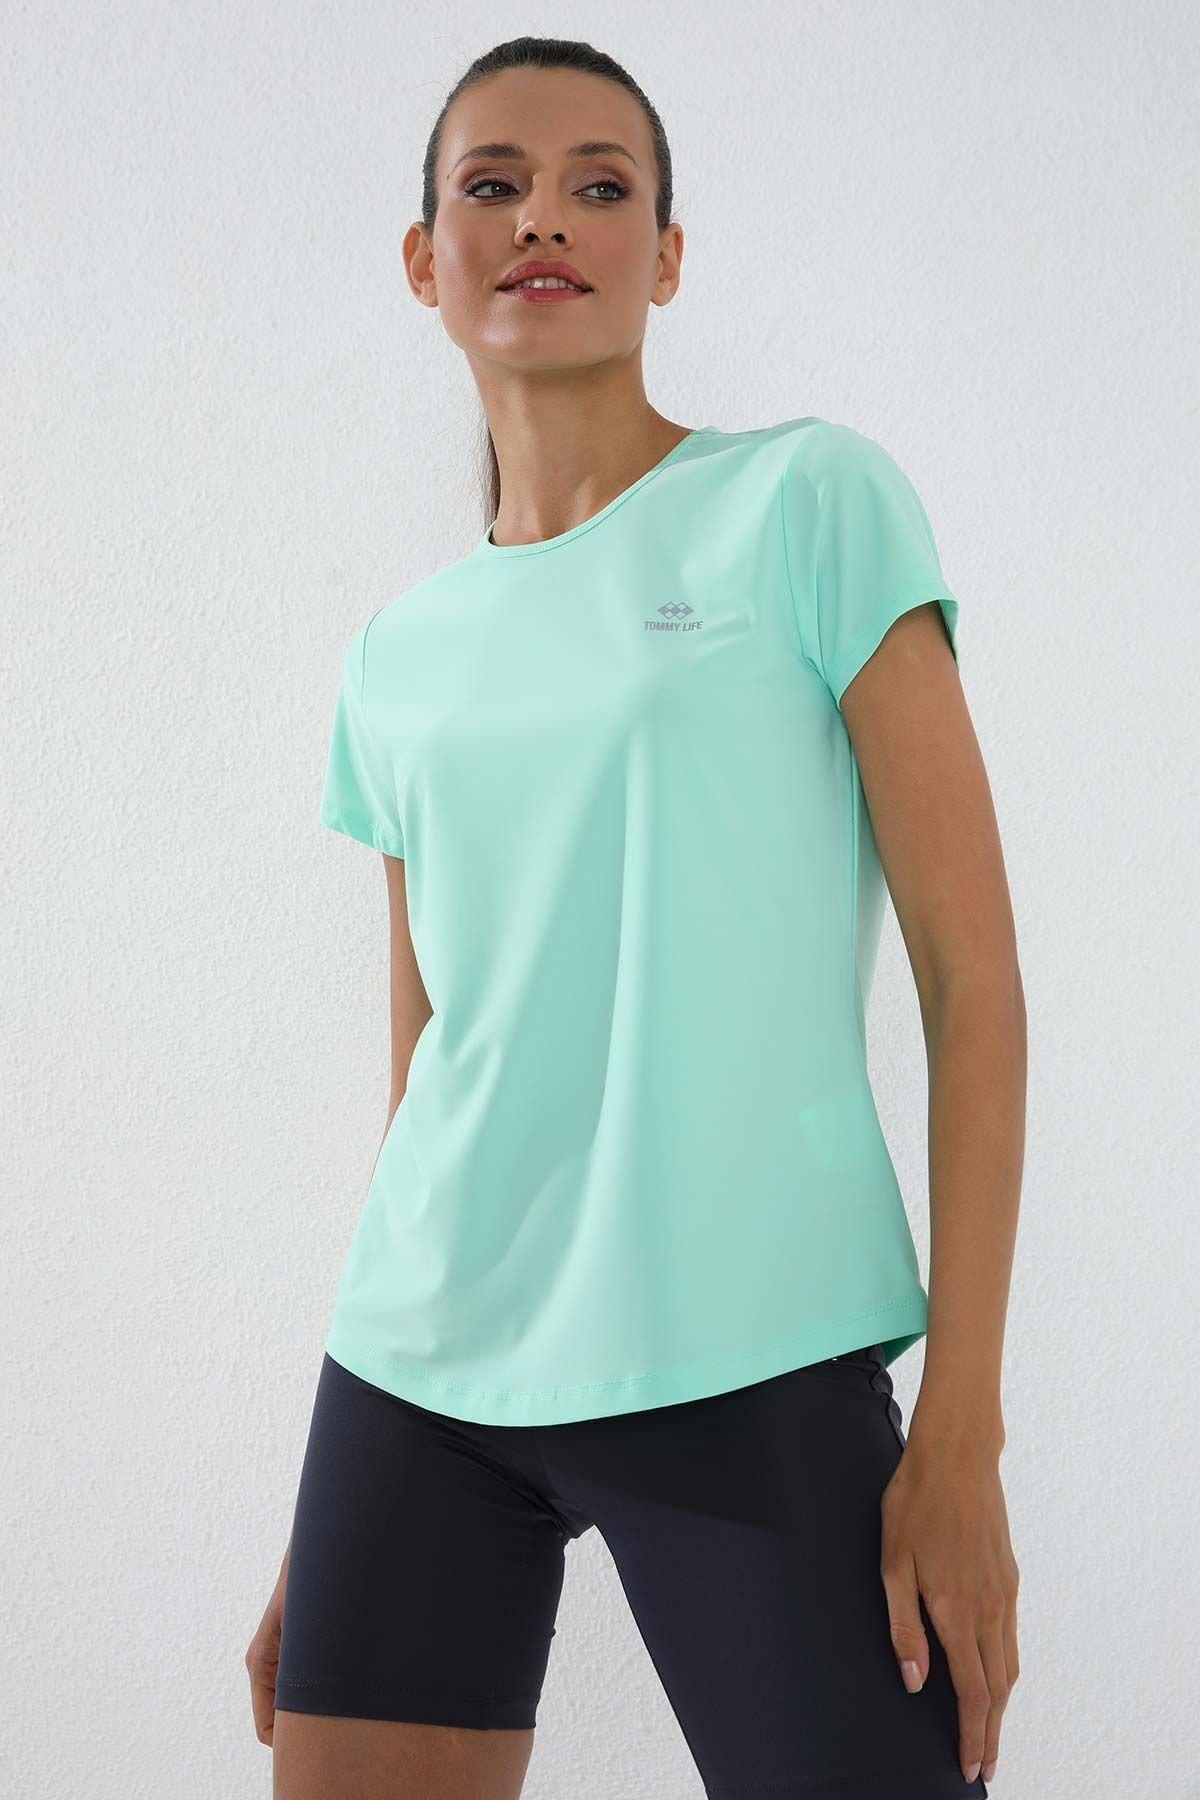 Mint Yeşili Kadın Basic Kısa Kol Standart Kalıp O Yaka T-shirt - 97144